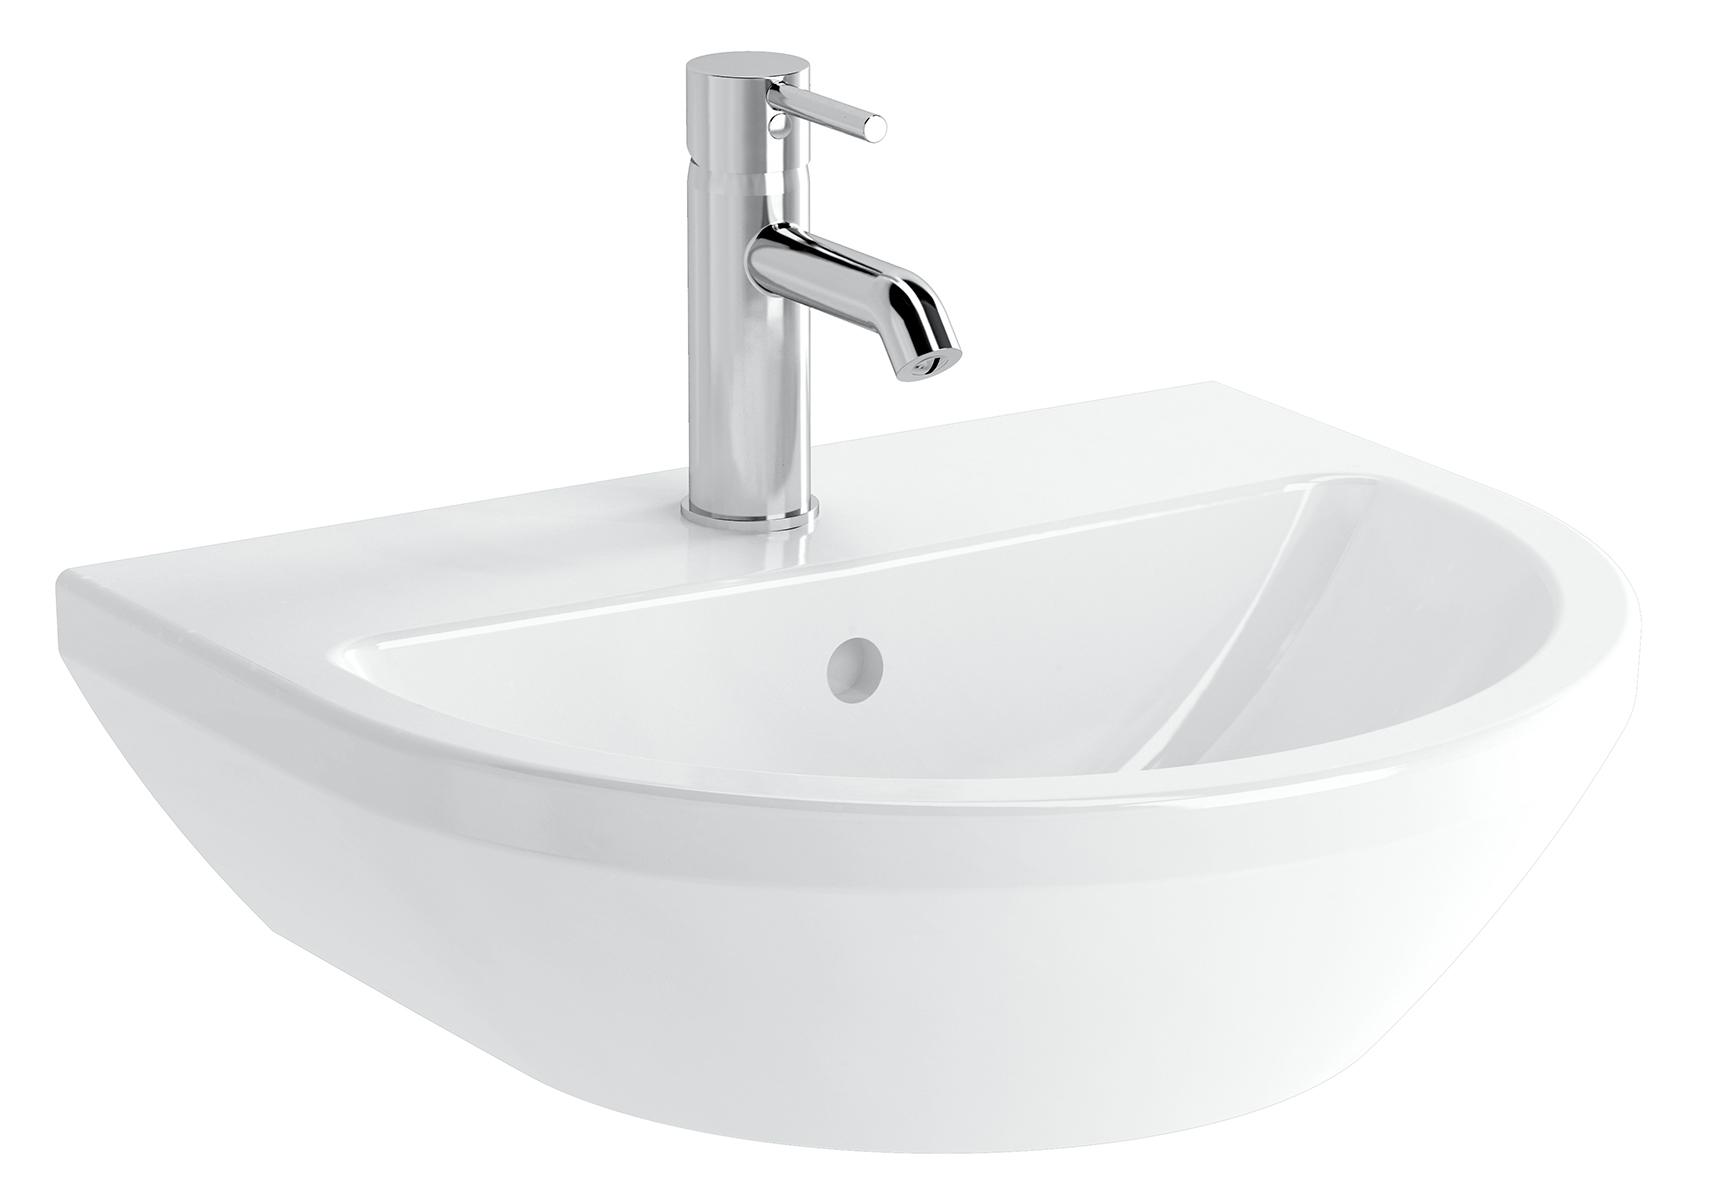 Integra lavabo rond, 50 cm, avec trou de robinet, avec trop-plein